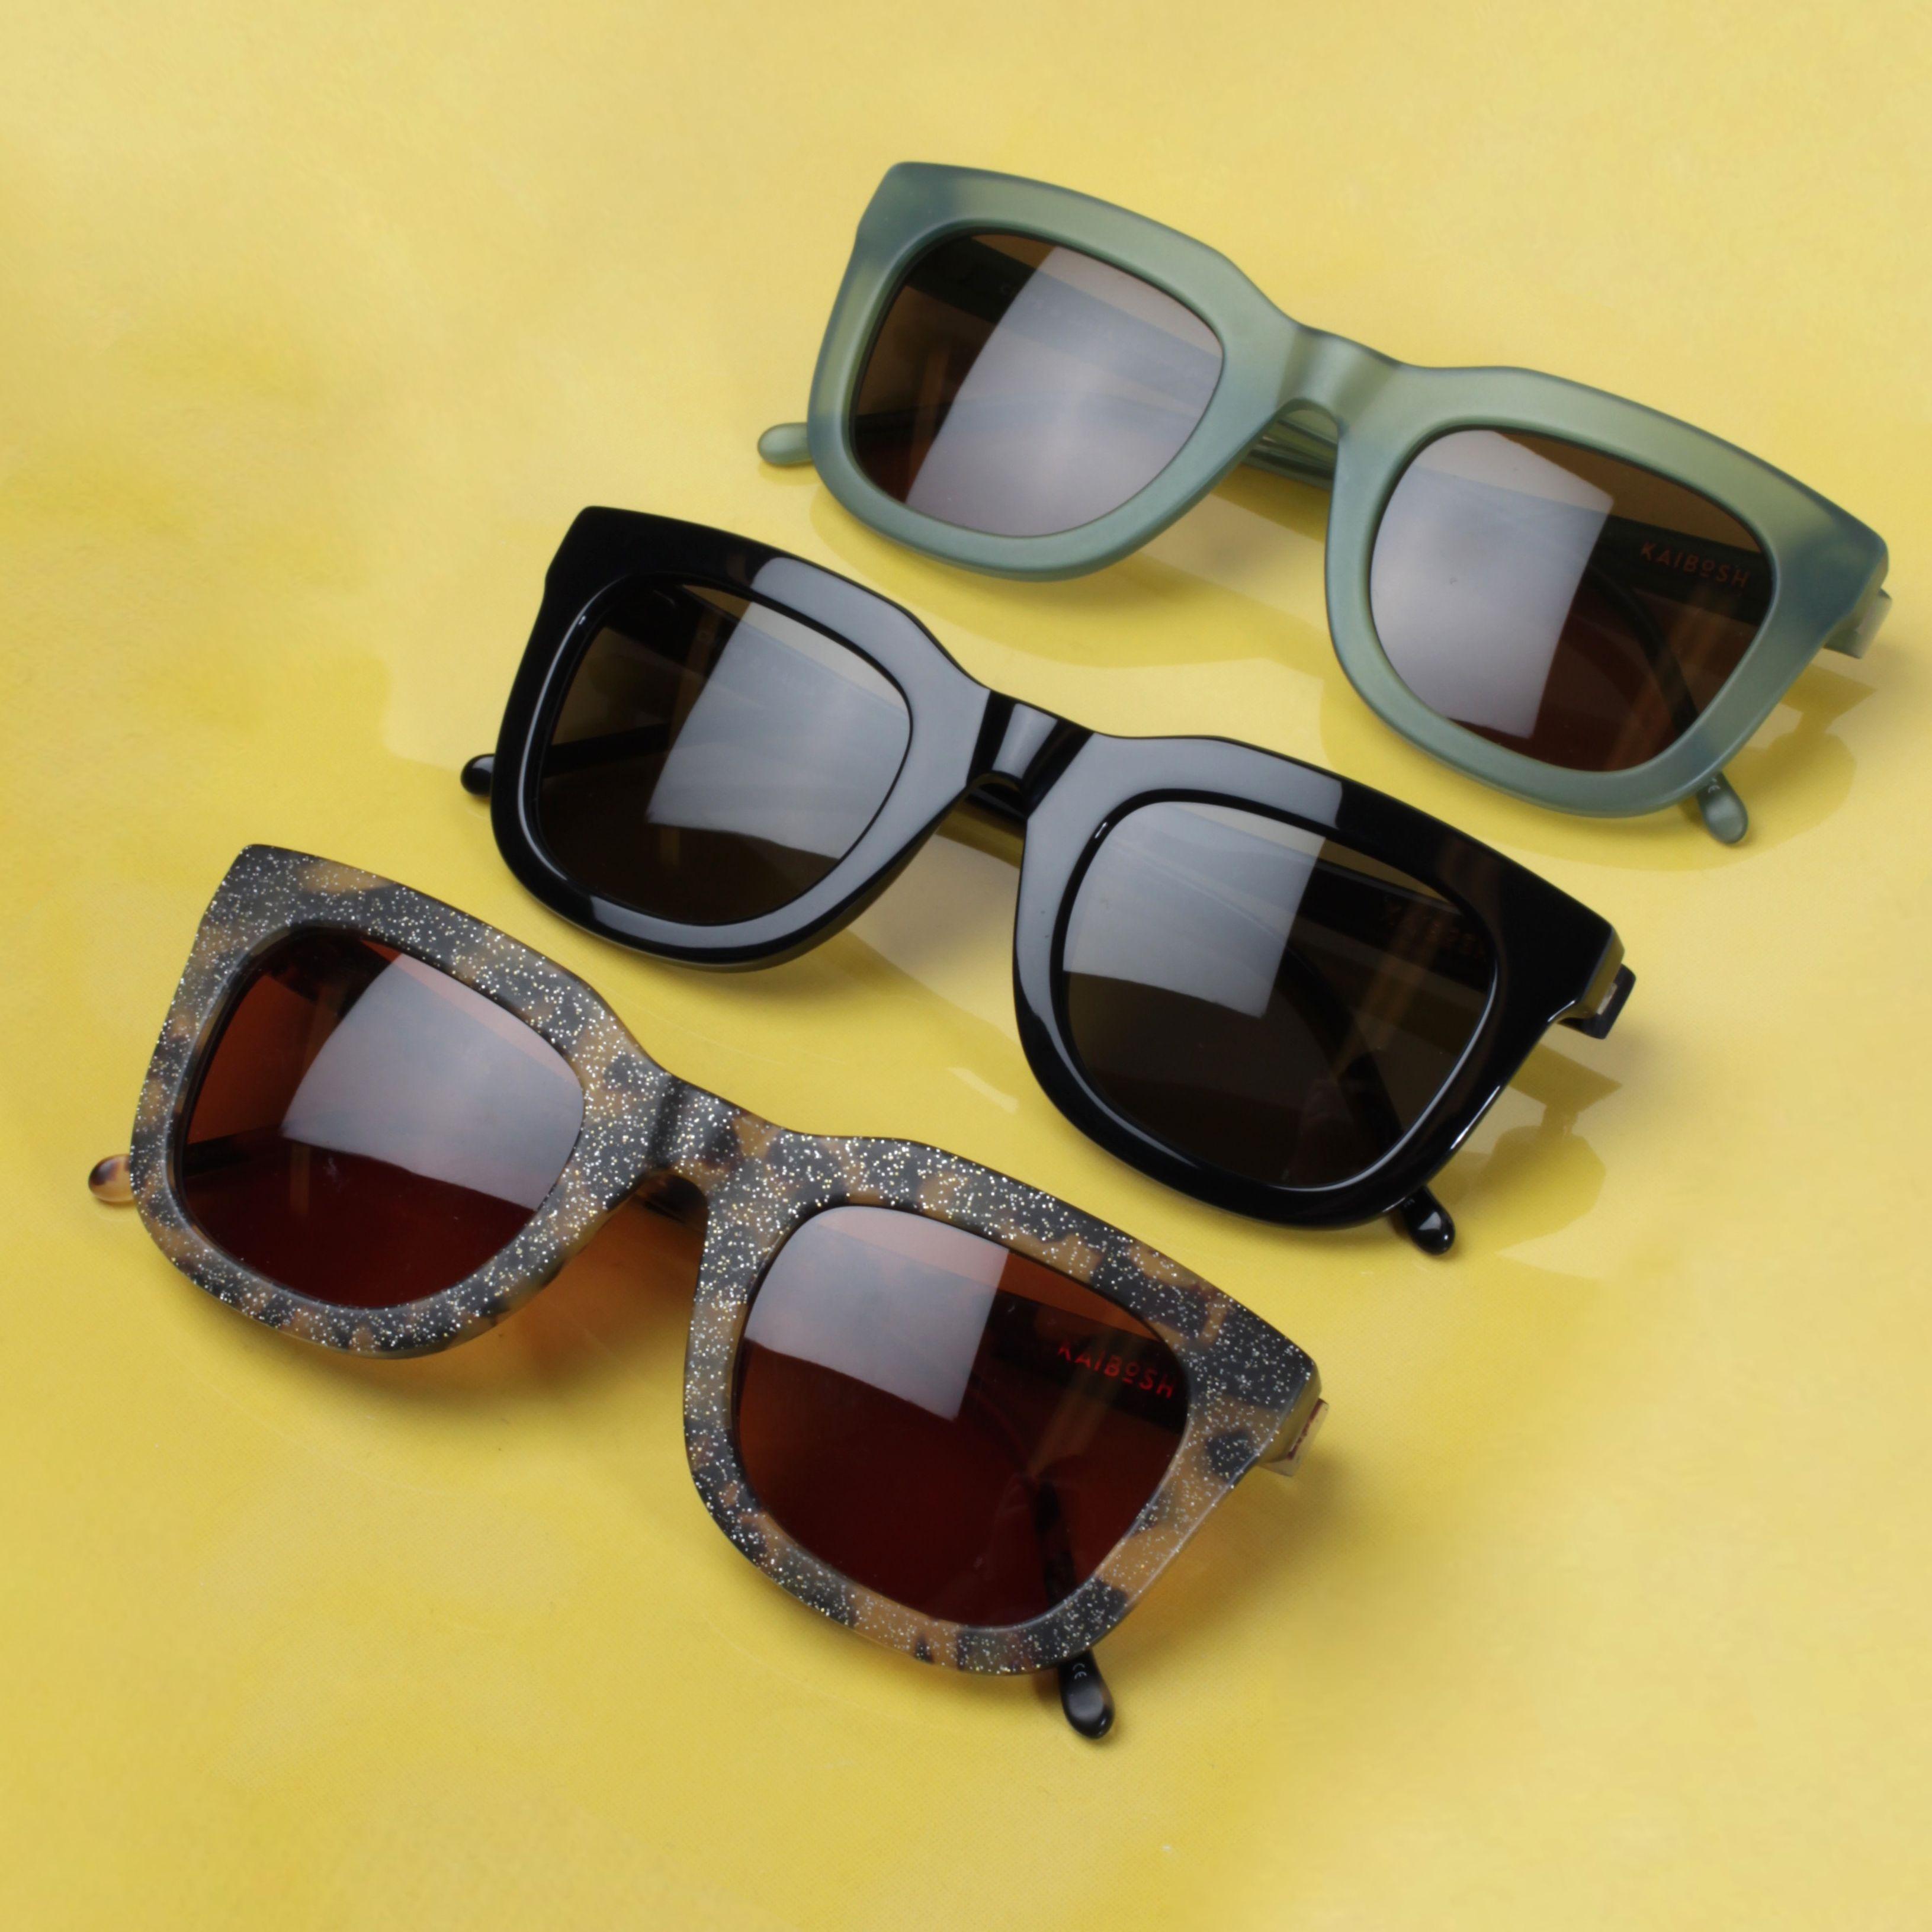 KAIBOSH | CHIPS & SALSA Sunglasses | Sunglasses, Salsa, Glasses